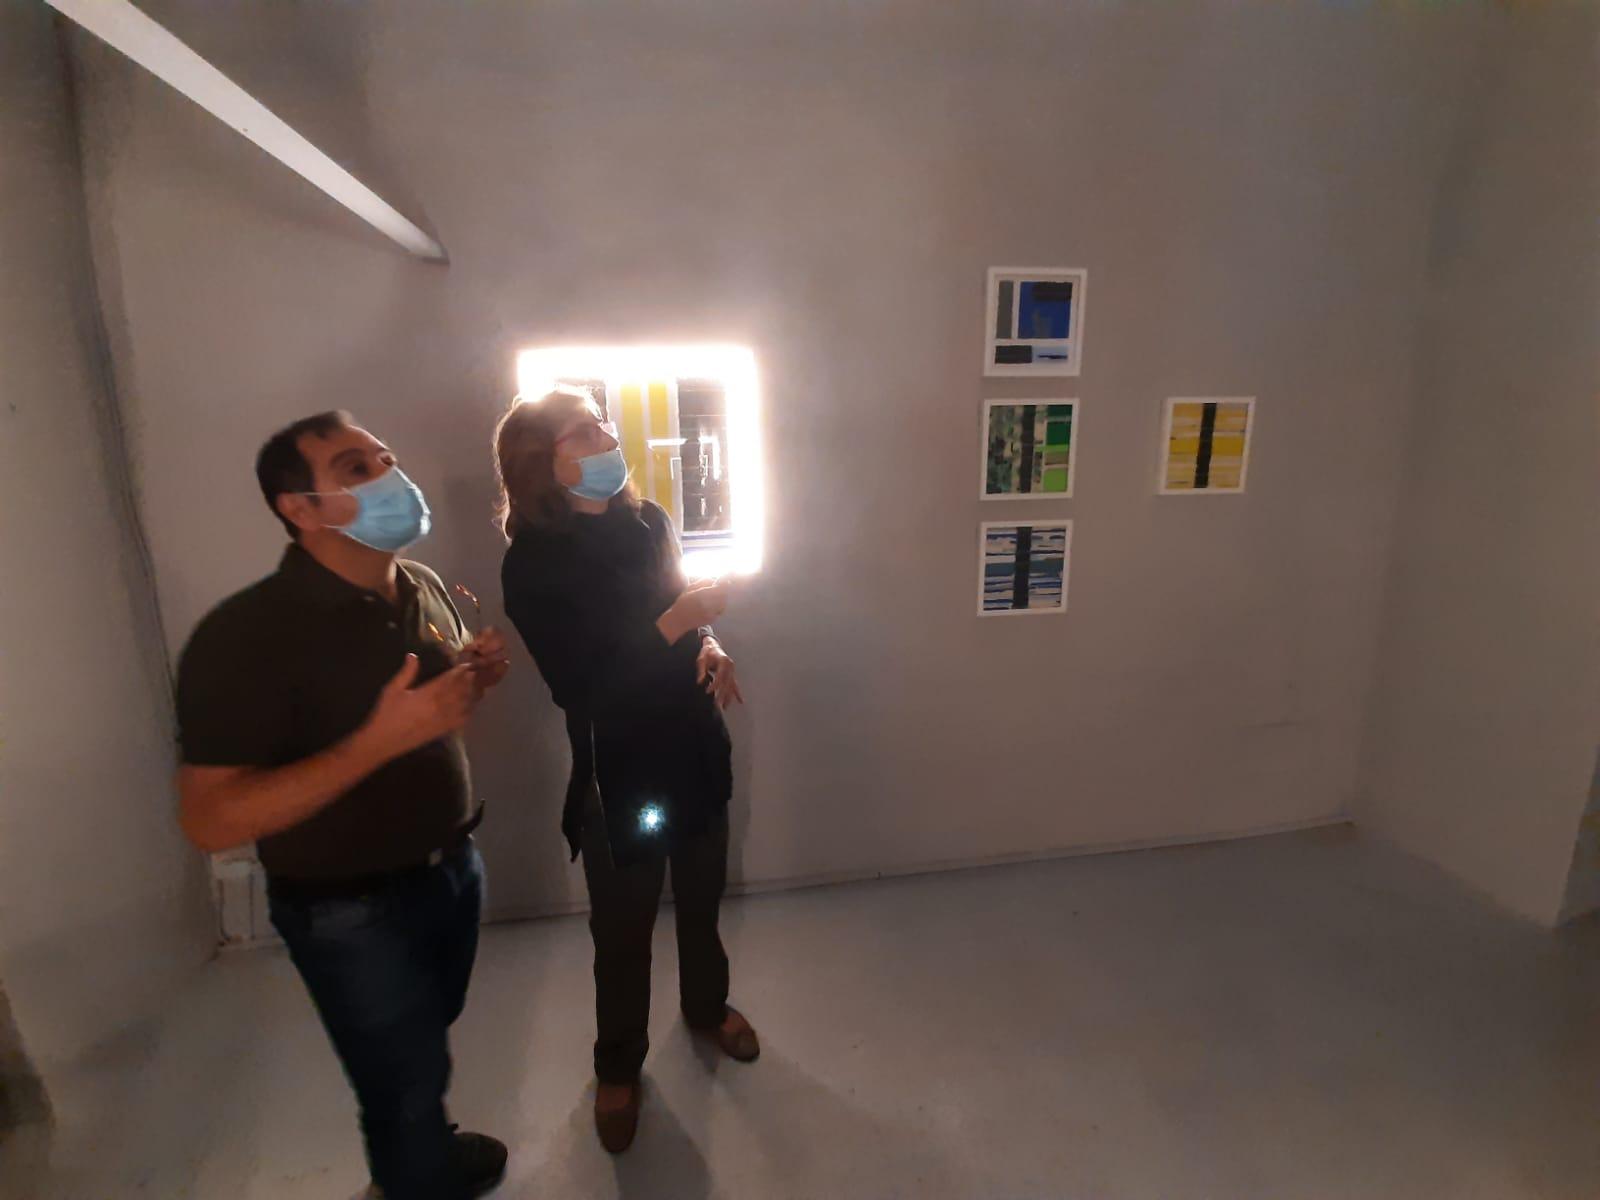 4 LUCEAN, Borghini Arte Contemporanea, set up of the exhibition with the gallerist Tamara Borghini